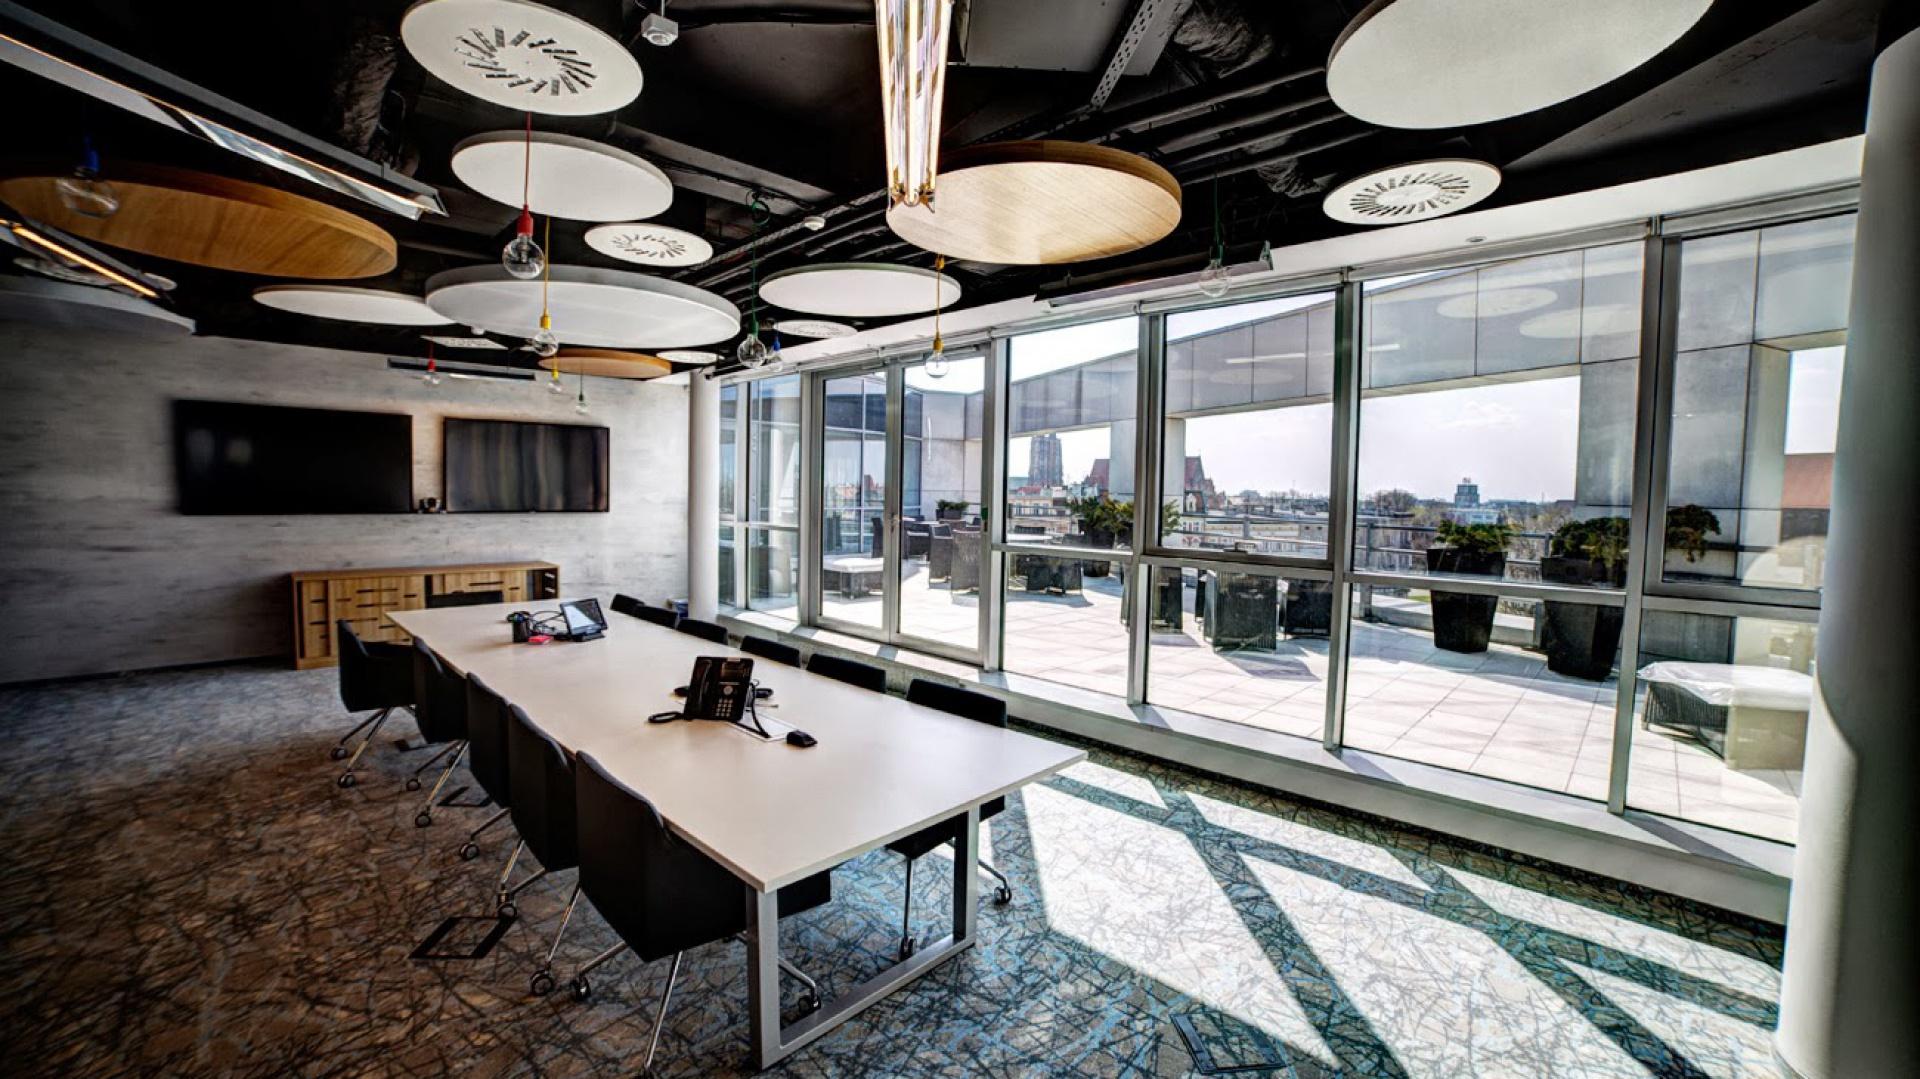 Wrocławska siedziba firmy Google. Fot. materiały prasowe Google